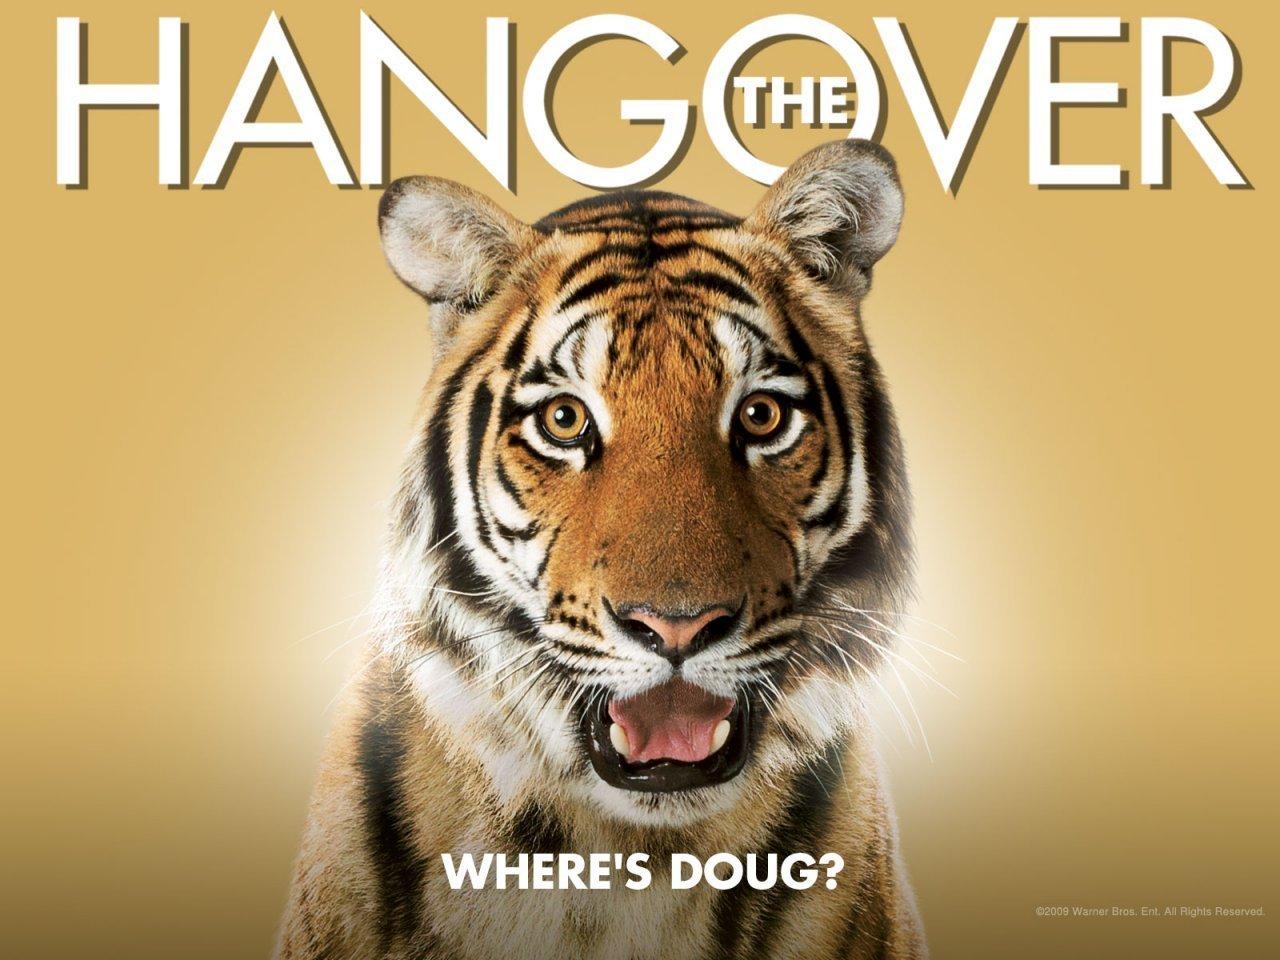 the hangover Traducción de 'hangover' en el diccionario gratuito de inglés-español y muchas otras traducciones en español.